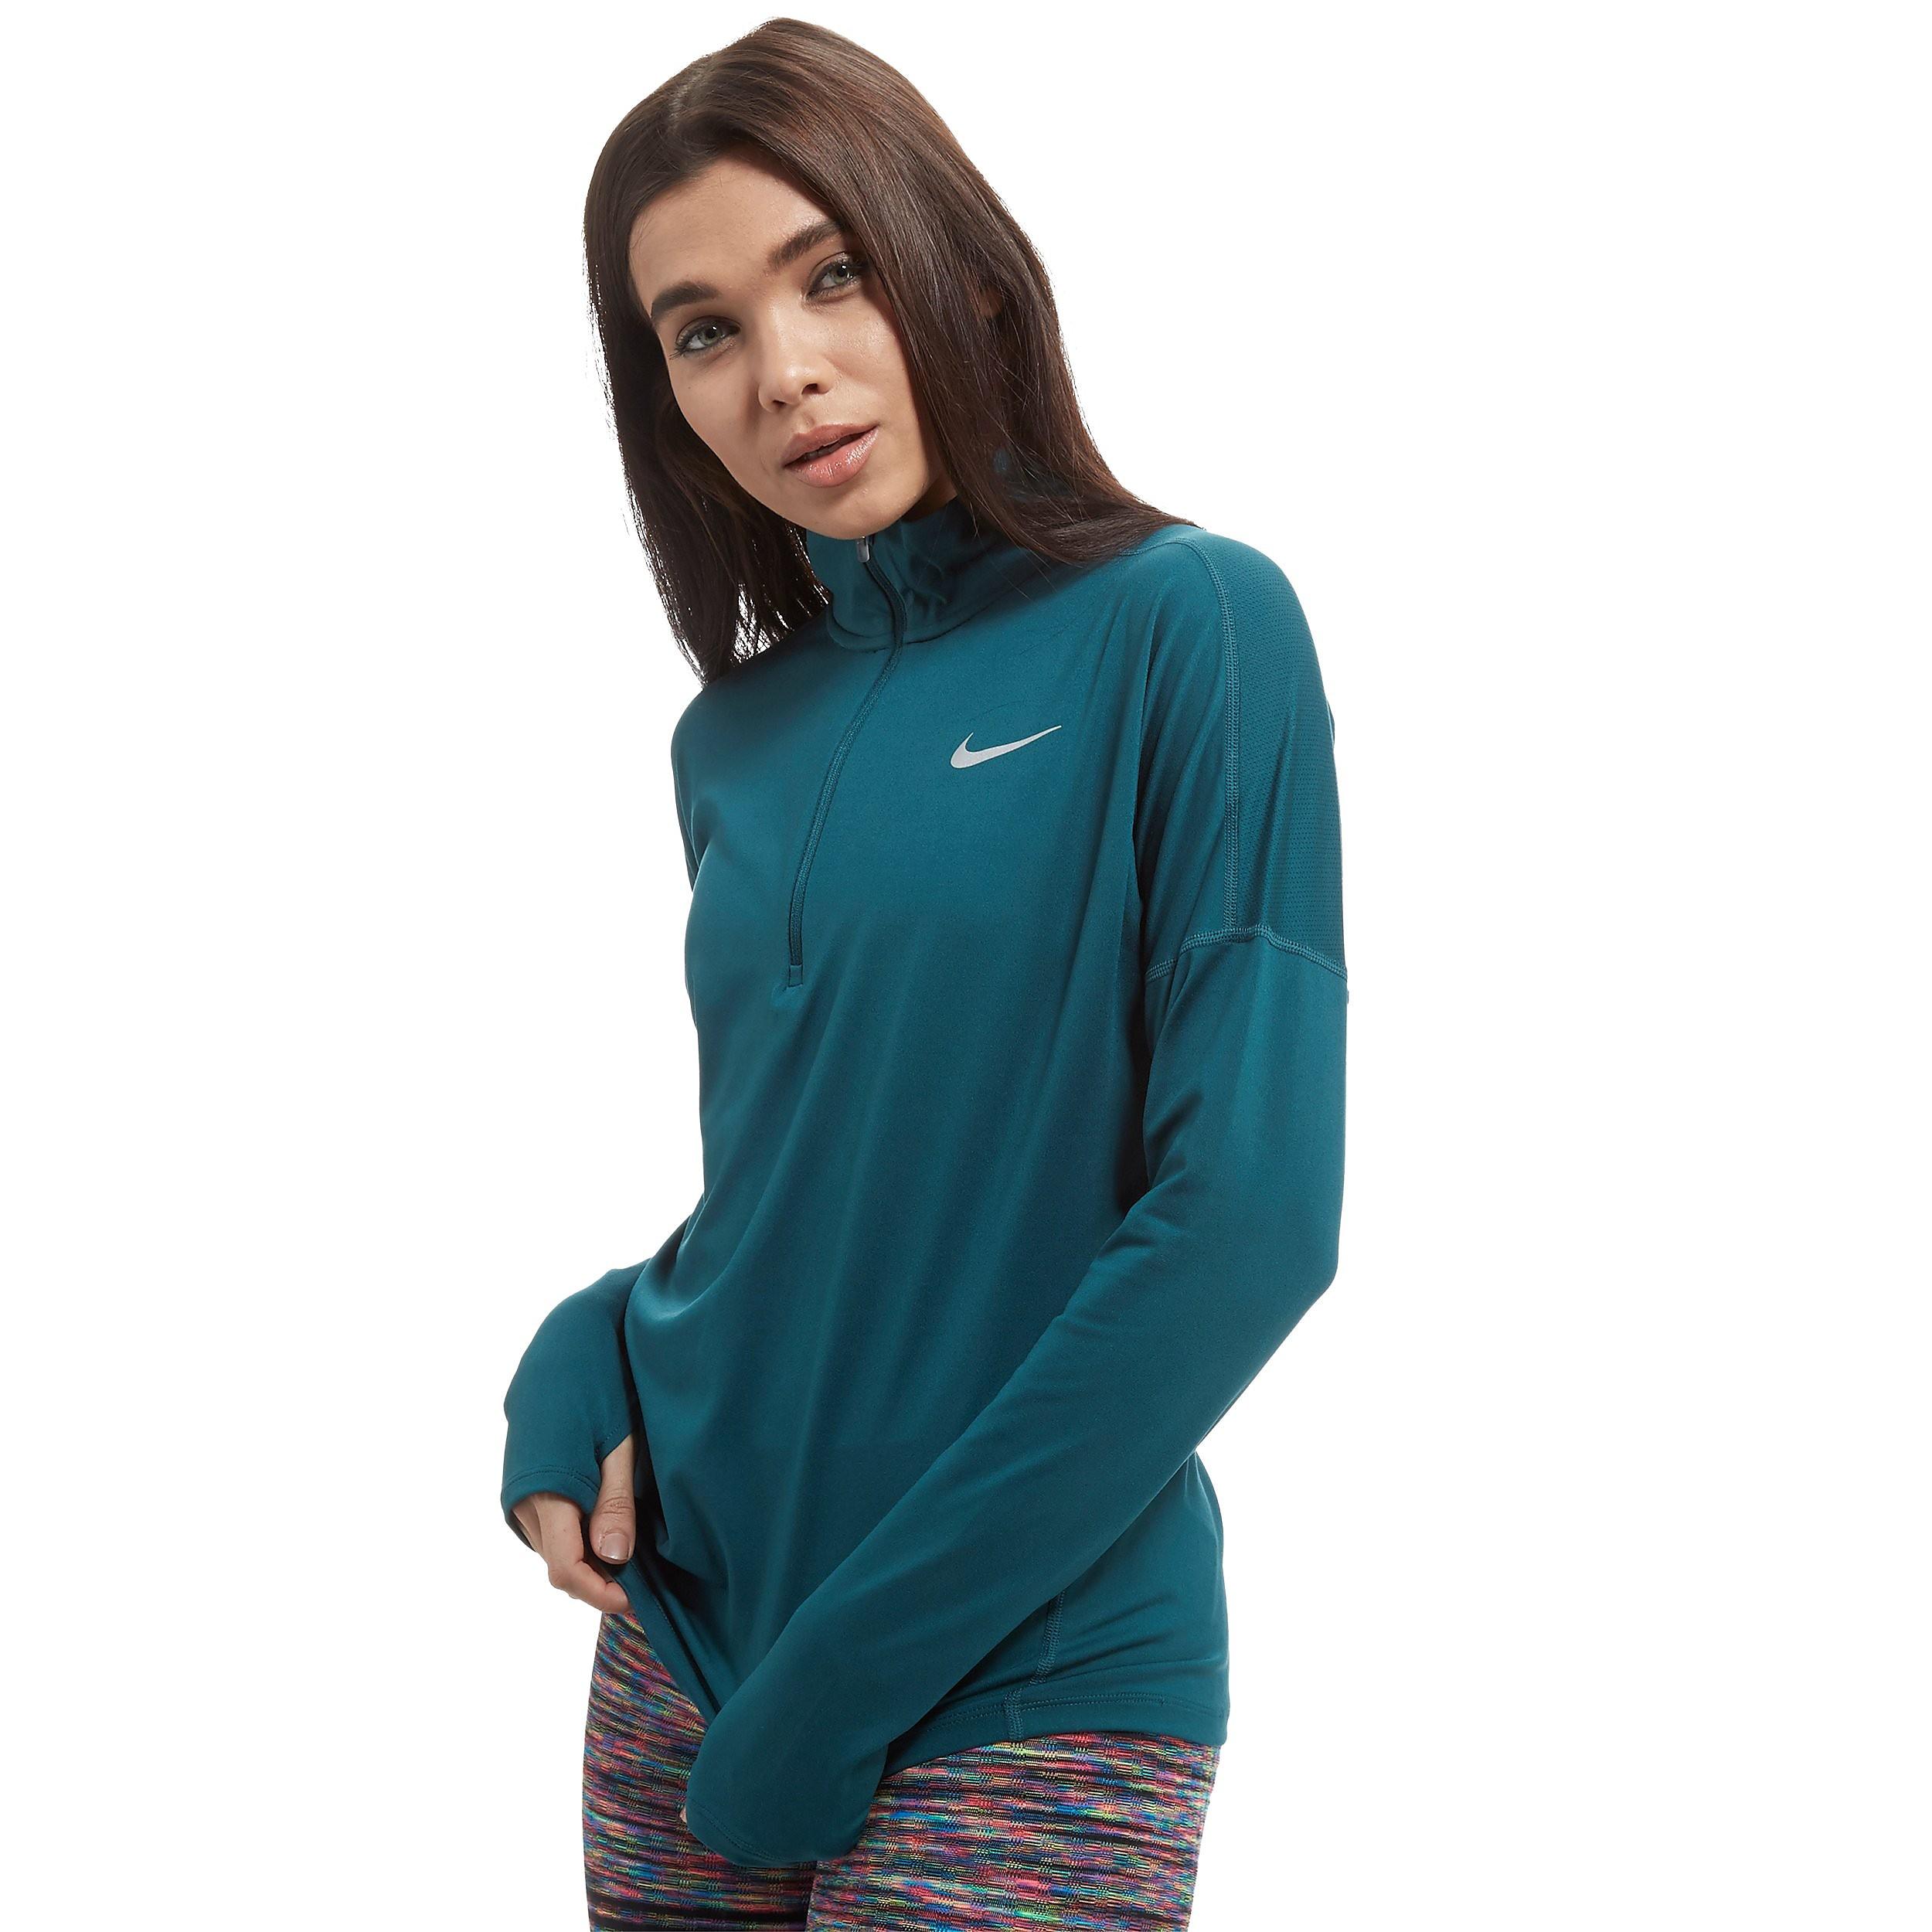 Nike Element 1/2 Zip Women's Top